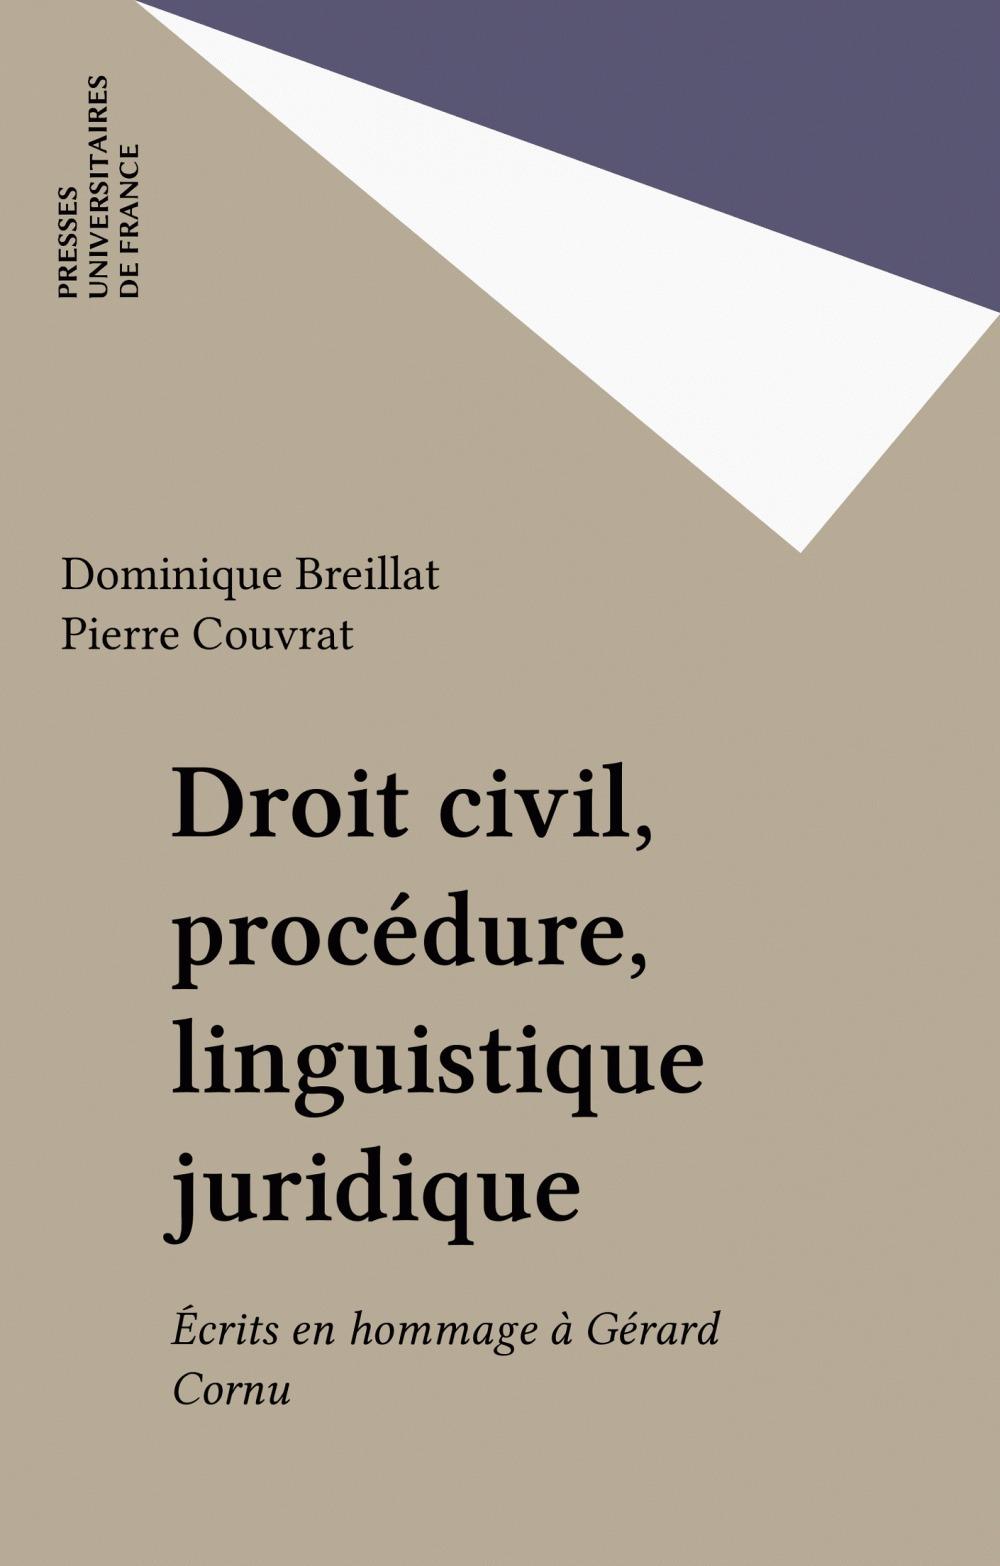 Droit civil, procédure, linguistique juridique